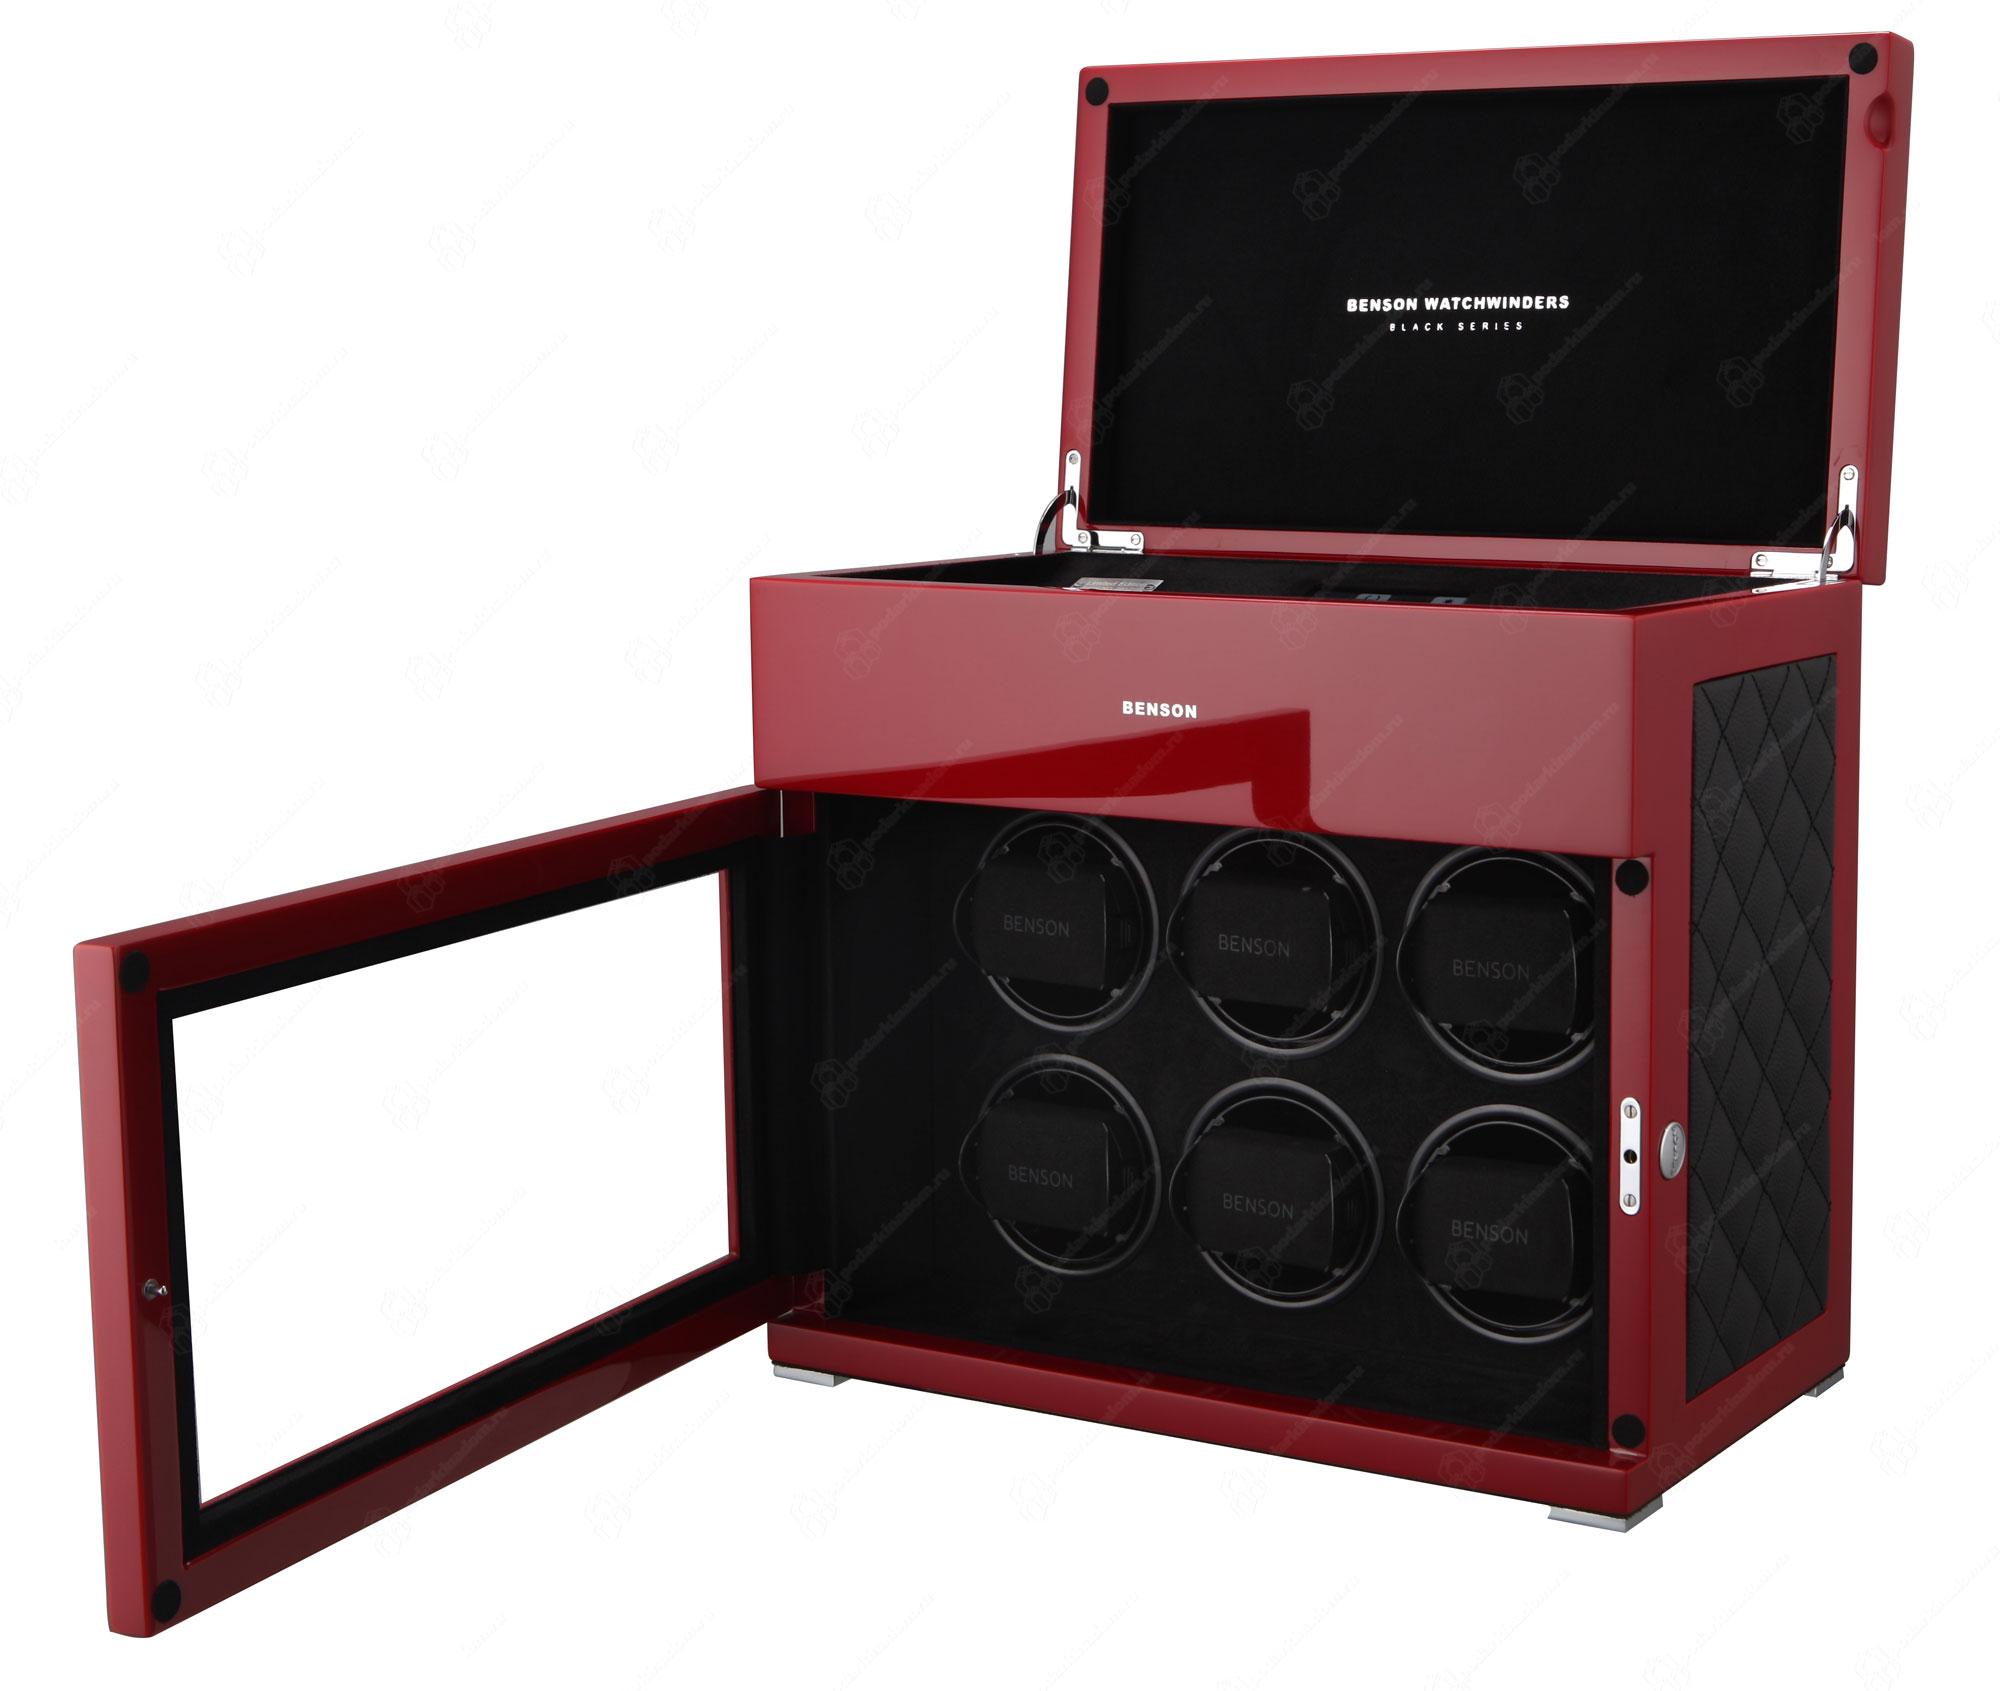 BS6 Red Limited Edition Шкатулка для завода наручных часов. Лимитированная серия 250 шт. Отделка Глянцевый рояльный лак и кожа. Для 6 часов + 5 хранение. Сенсорное управление. Подсветка.